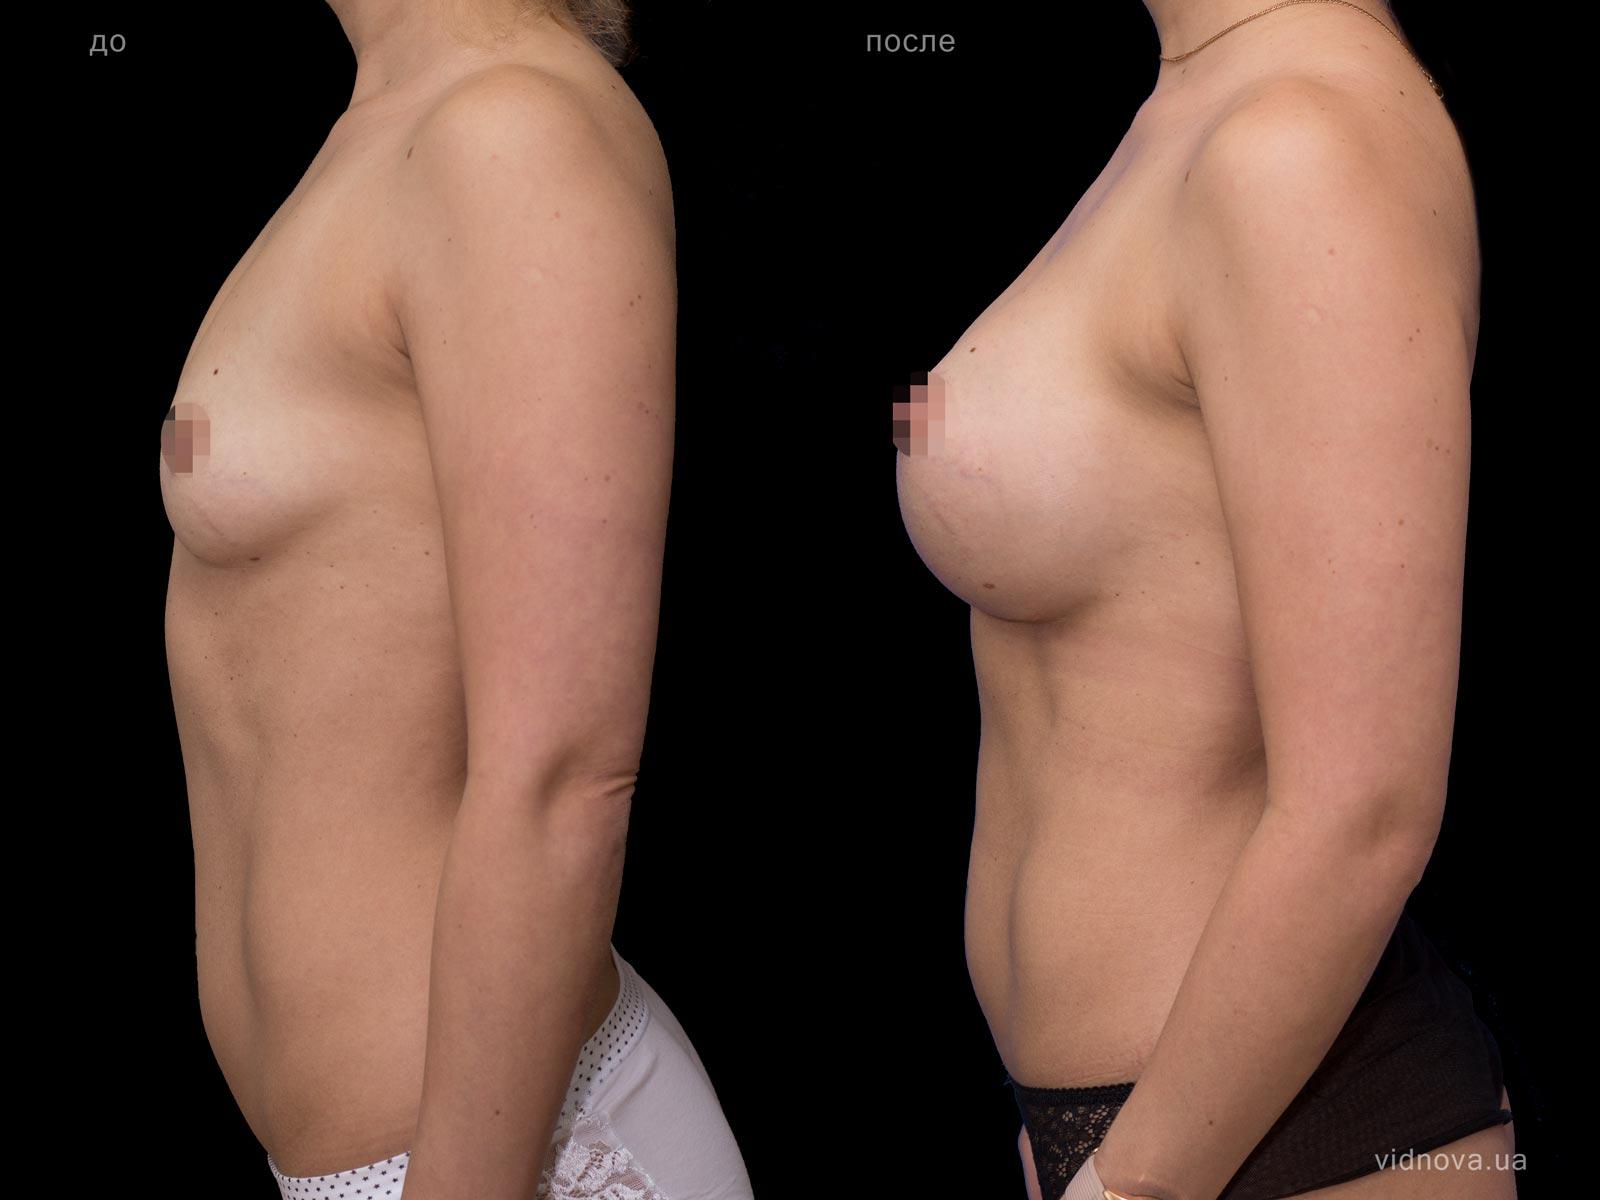 Пластика груди: результаты до и после - Пример №66-2 - Светлана Работенко